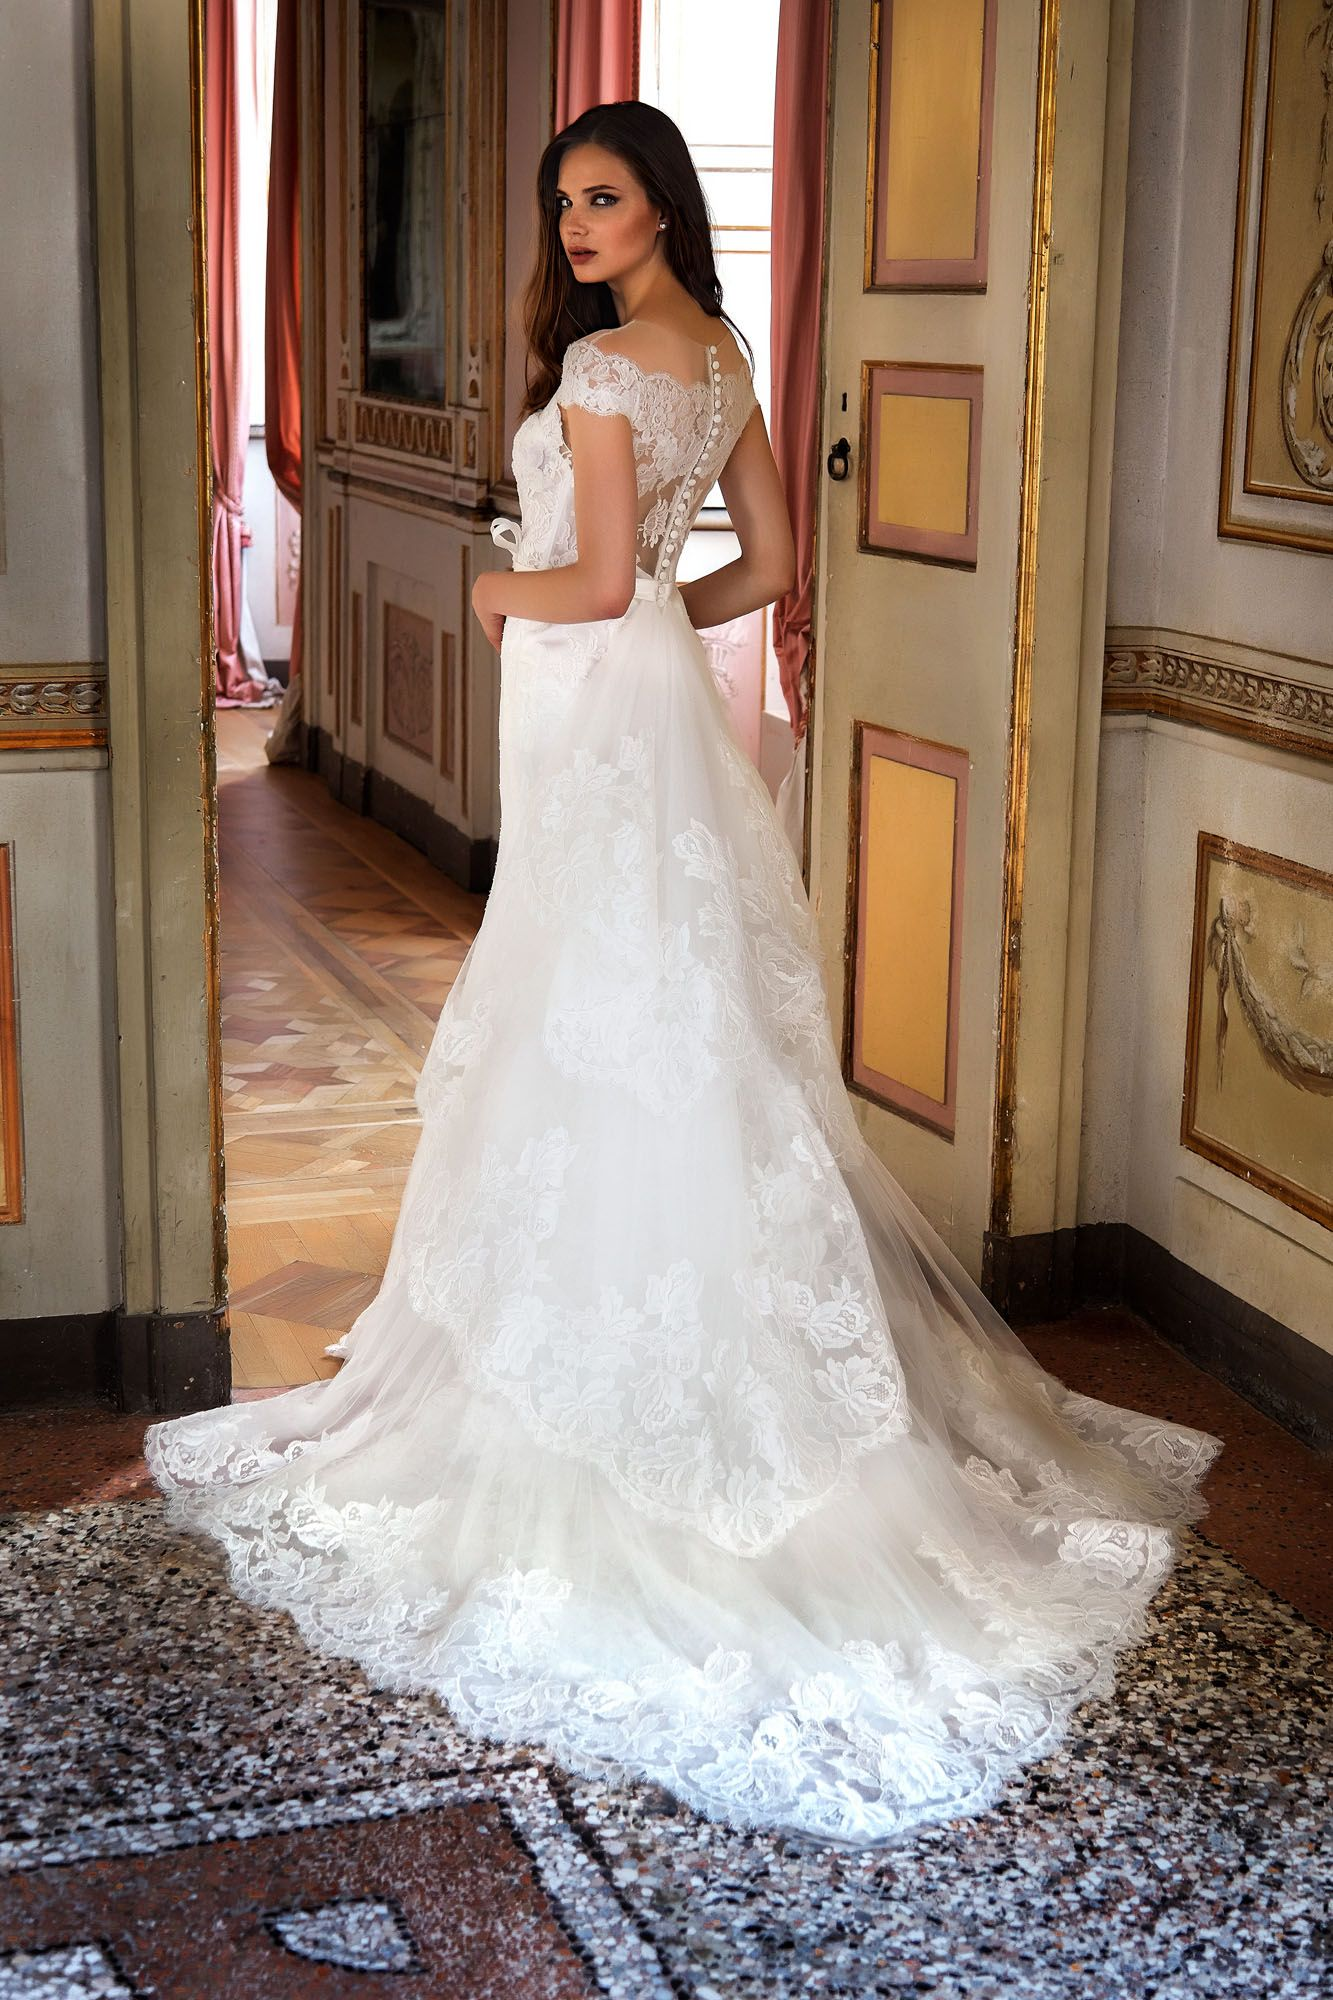 2454152c3313 MODELLO 1813 Raffinato abito da sposa a sirena in pizzo francese con  bustino ricamato a mano